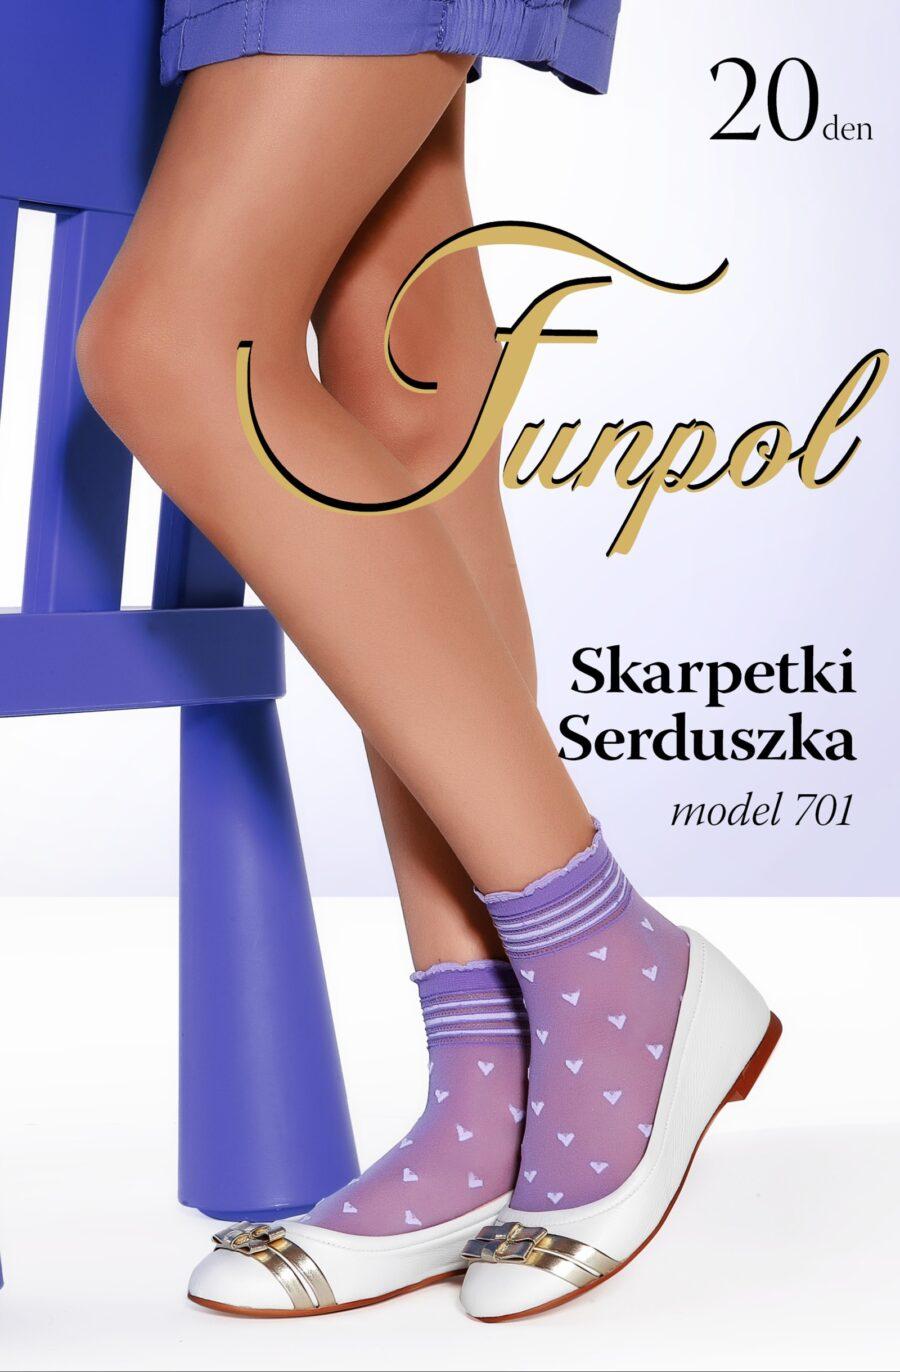 4 pary Skarpetki FUN-POL wzór SERCA 20 DEN